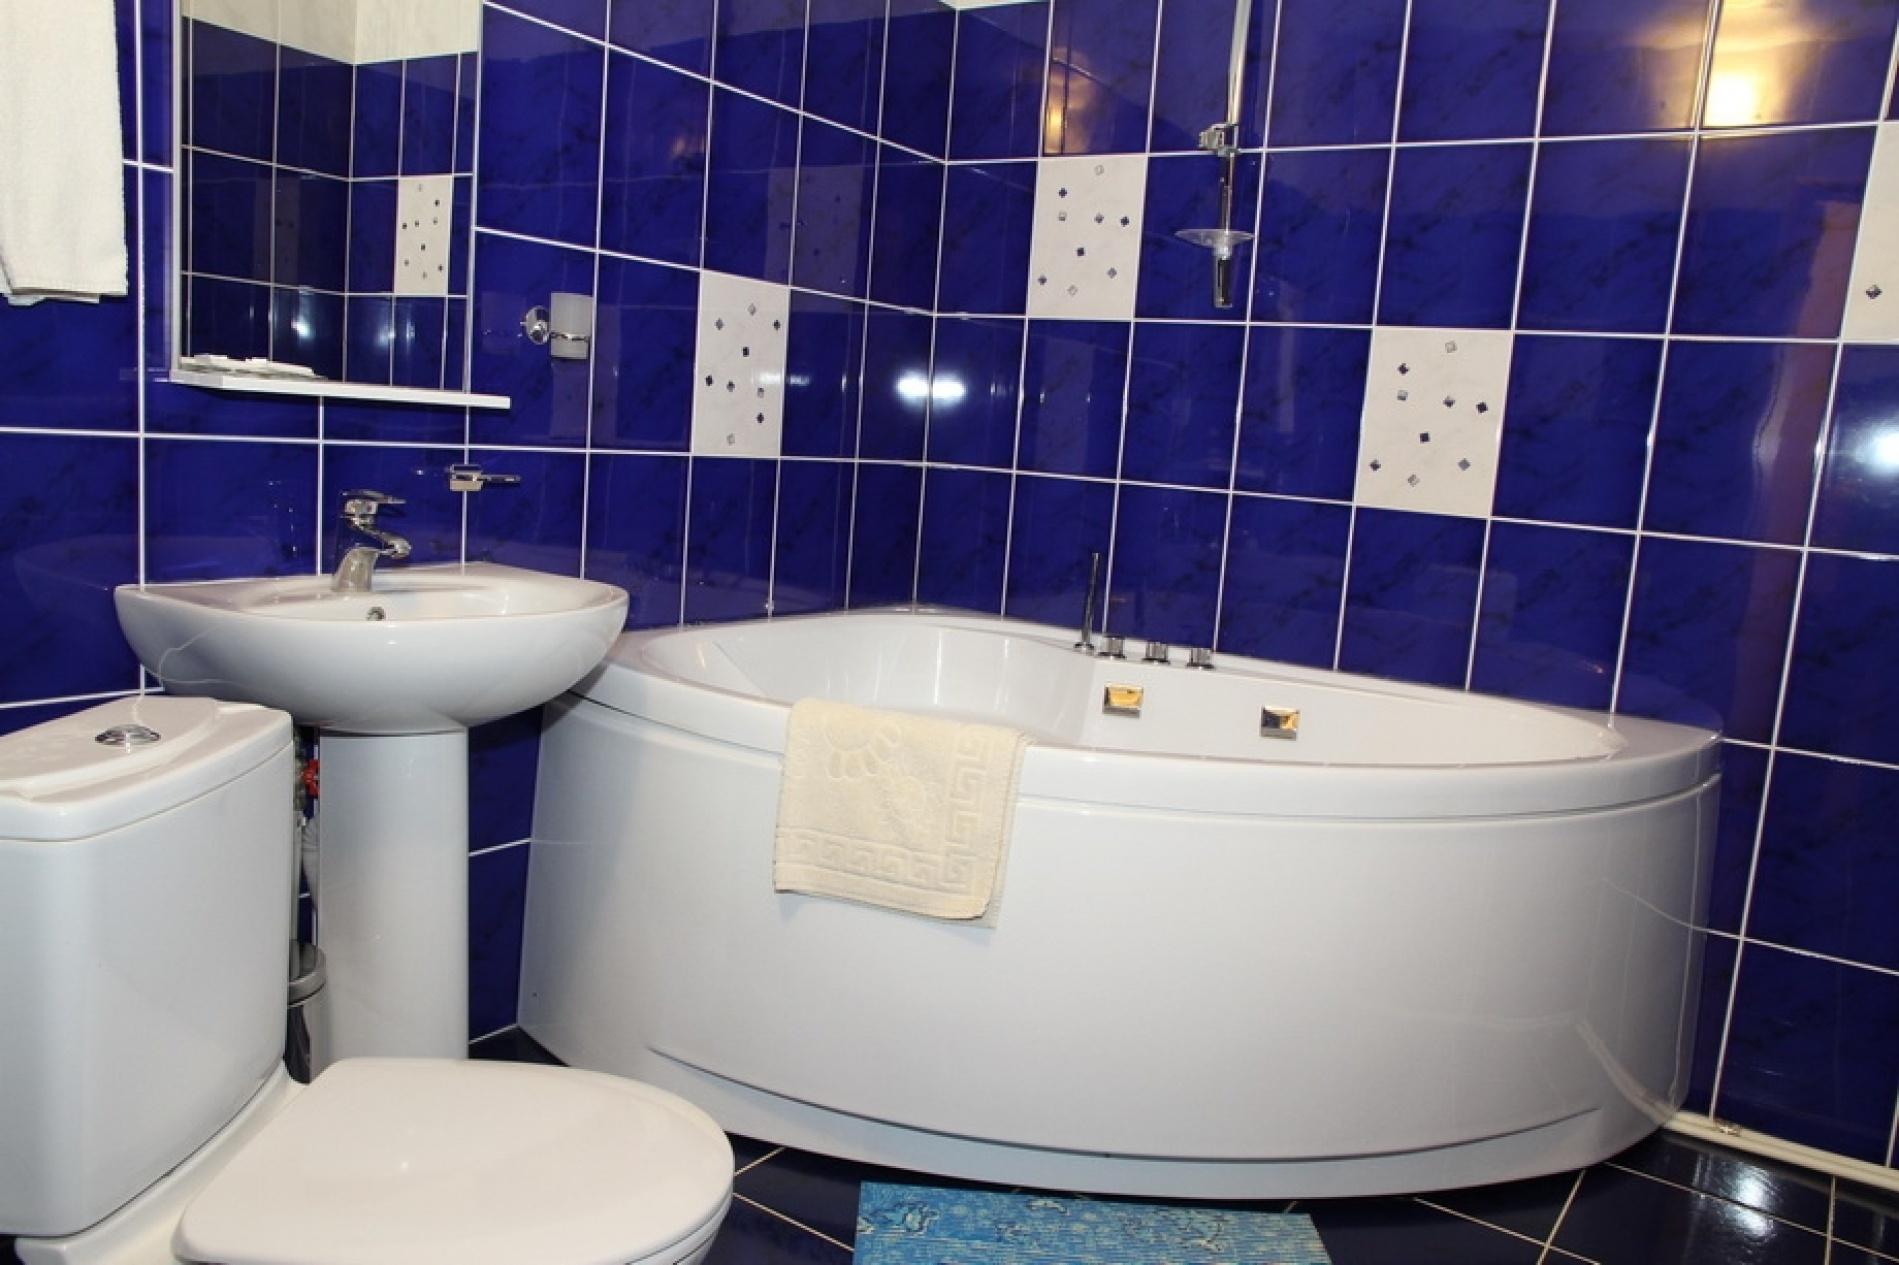 Загородный отель «Плесков» Псковская область Апартаменты № 2, фото 4